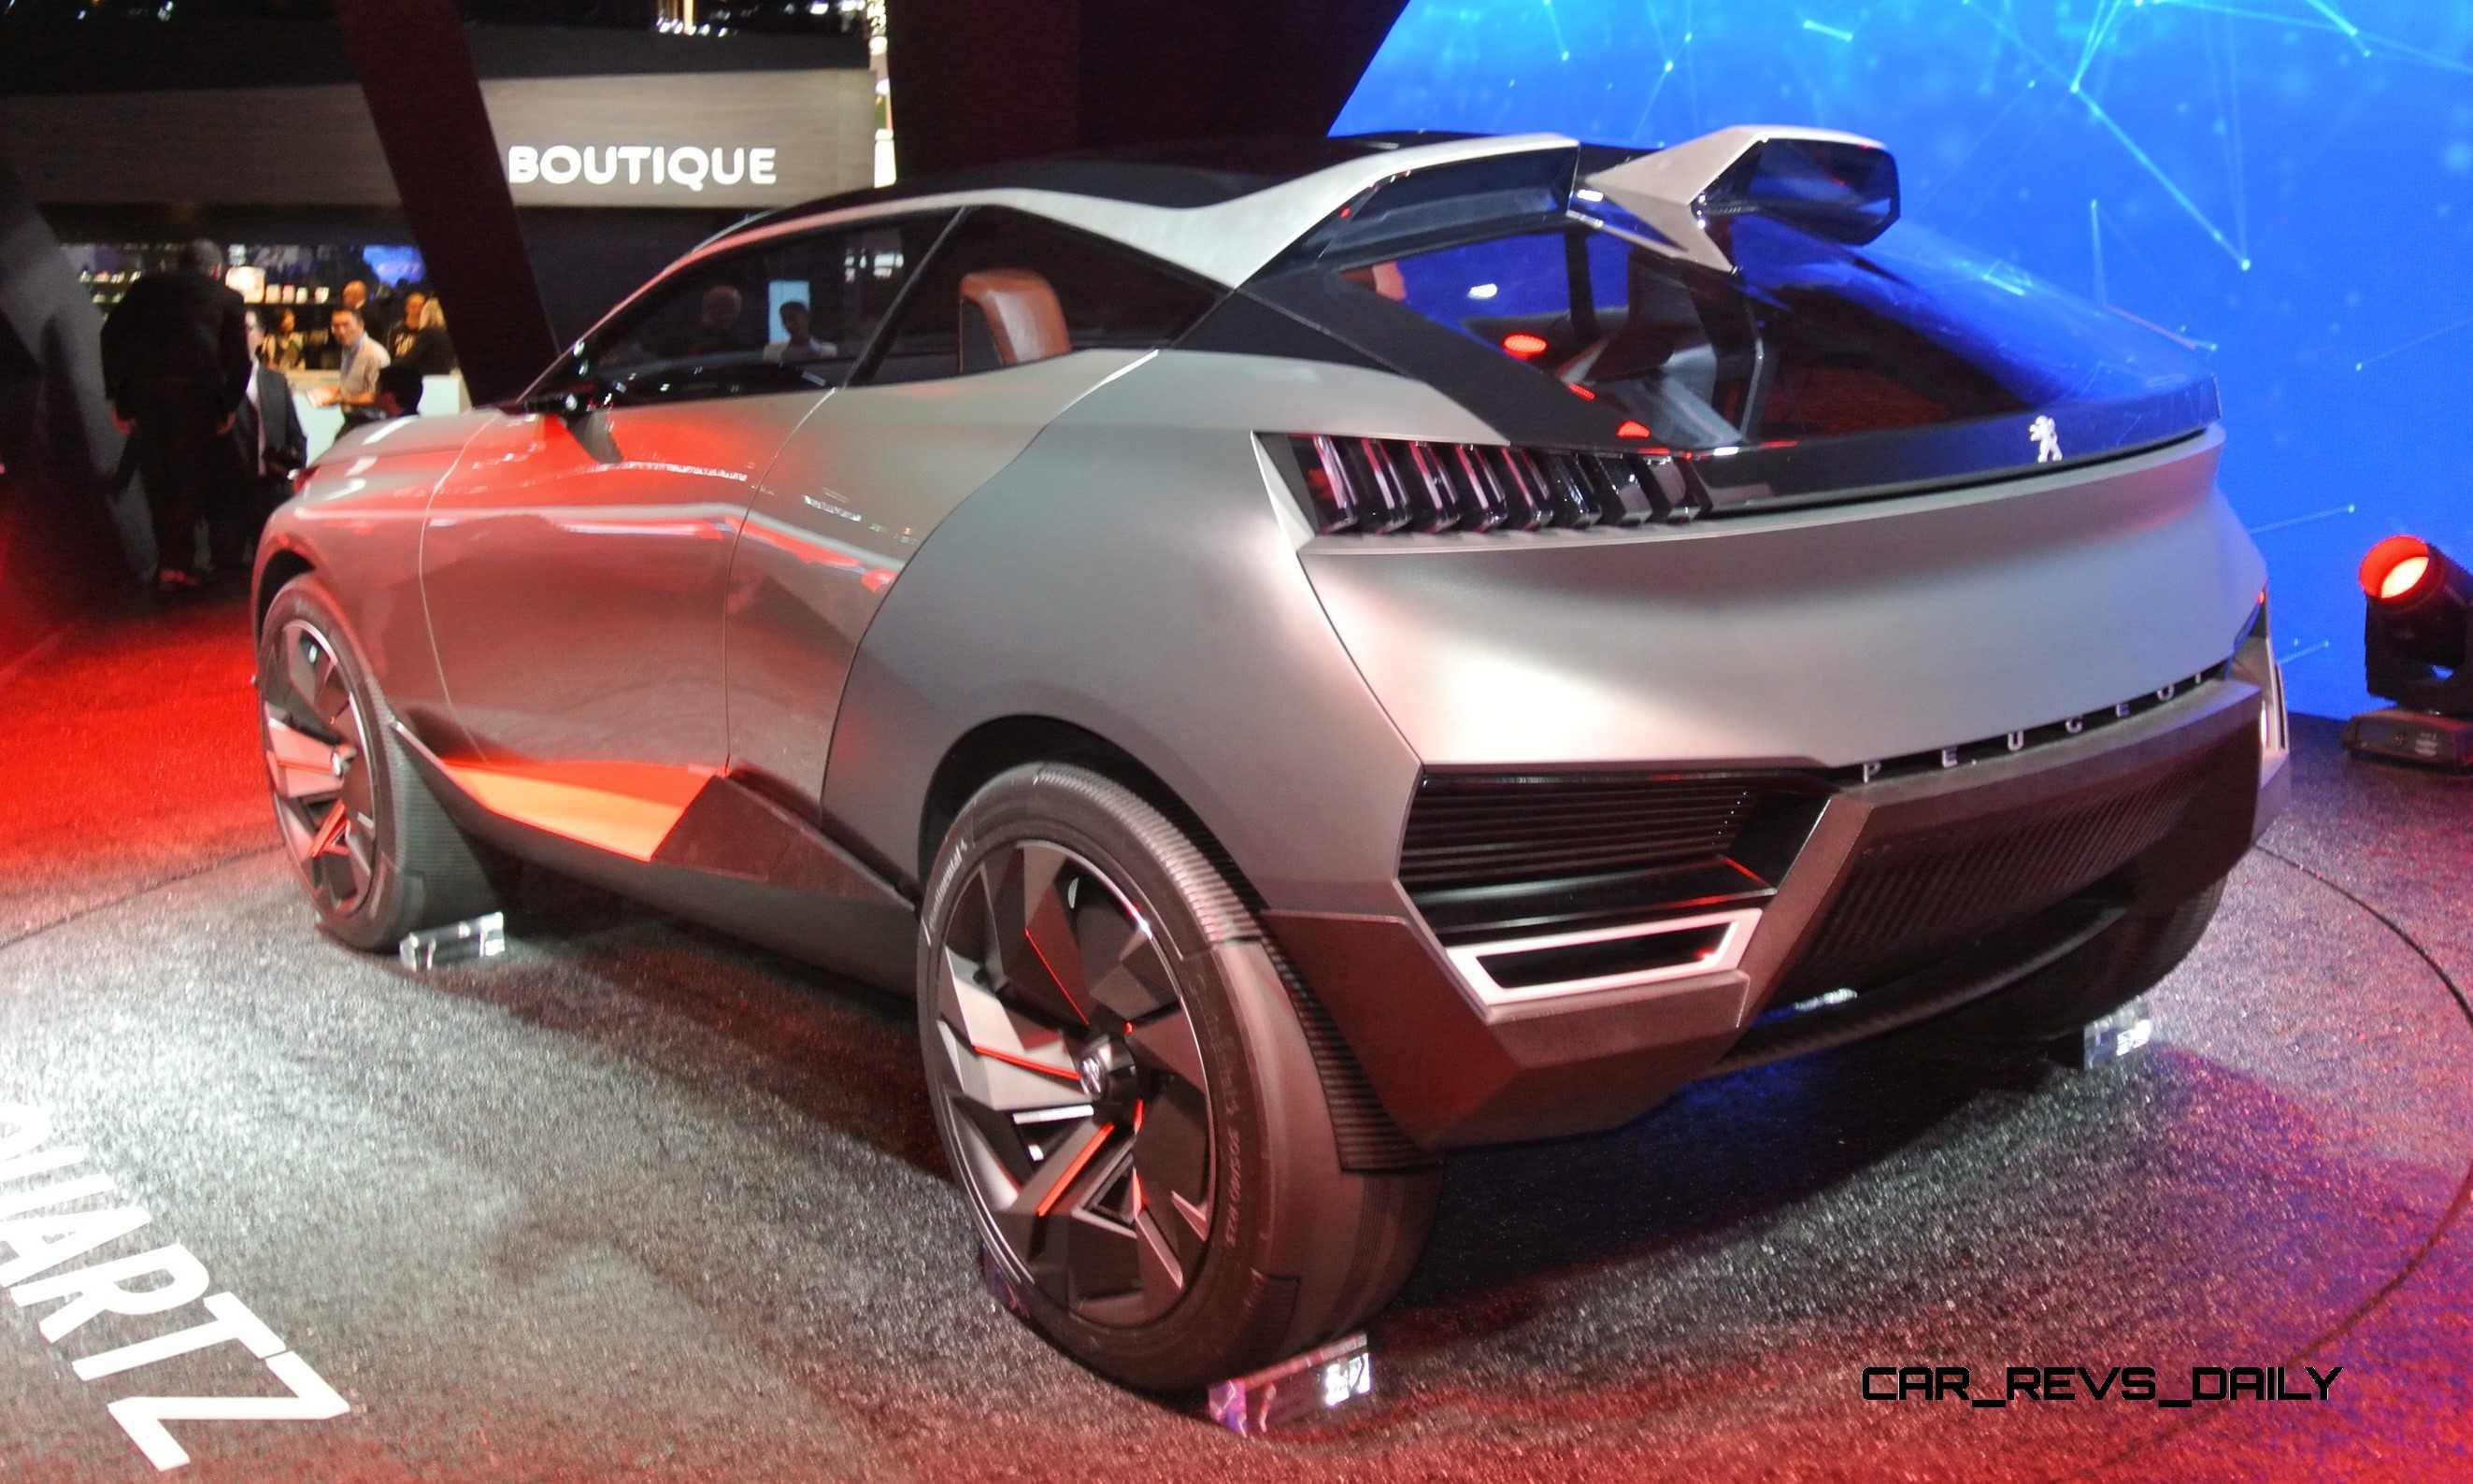 2014 Peugeot Quartz And Dkr Prototype Top Paris Concept